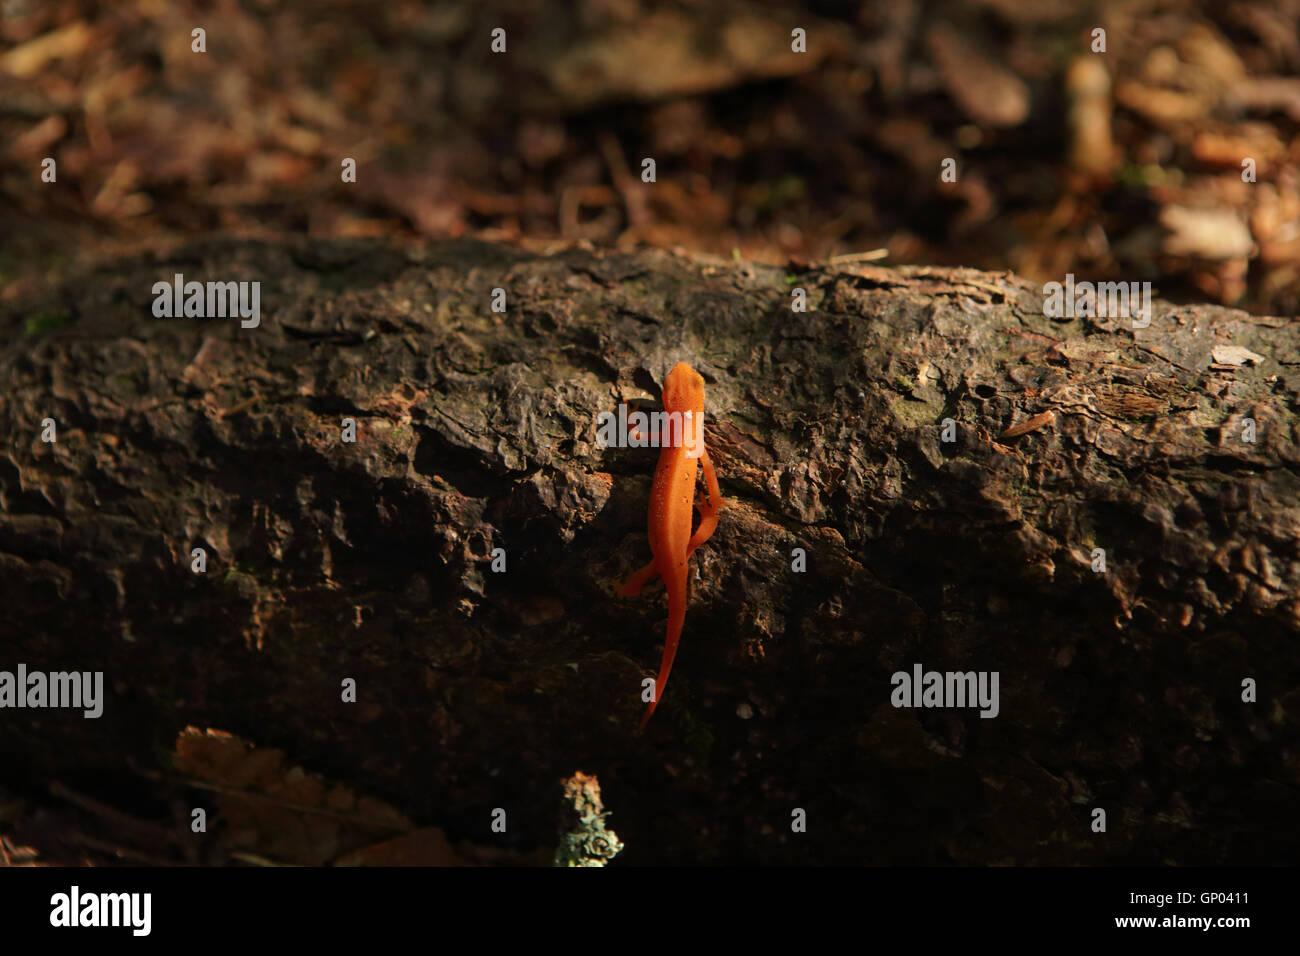 Eft rouge monte un journal tombé sur le sol de la forêt dans les montagnes vertes du sud du Vermont, Etats-Unis Banque D'Images